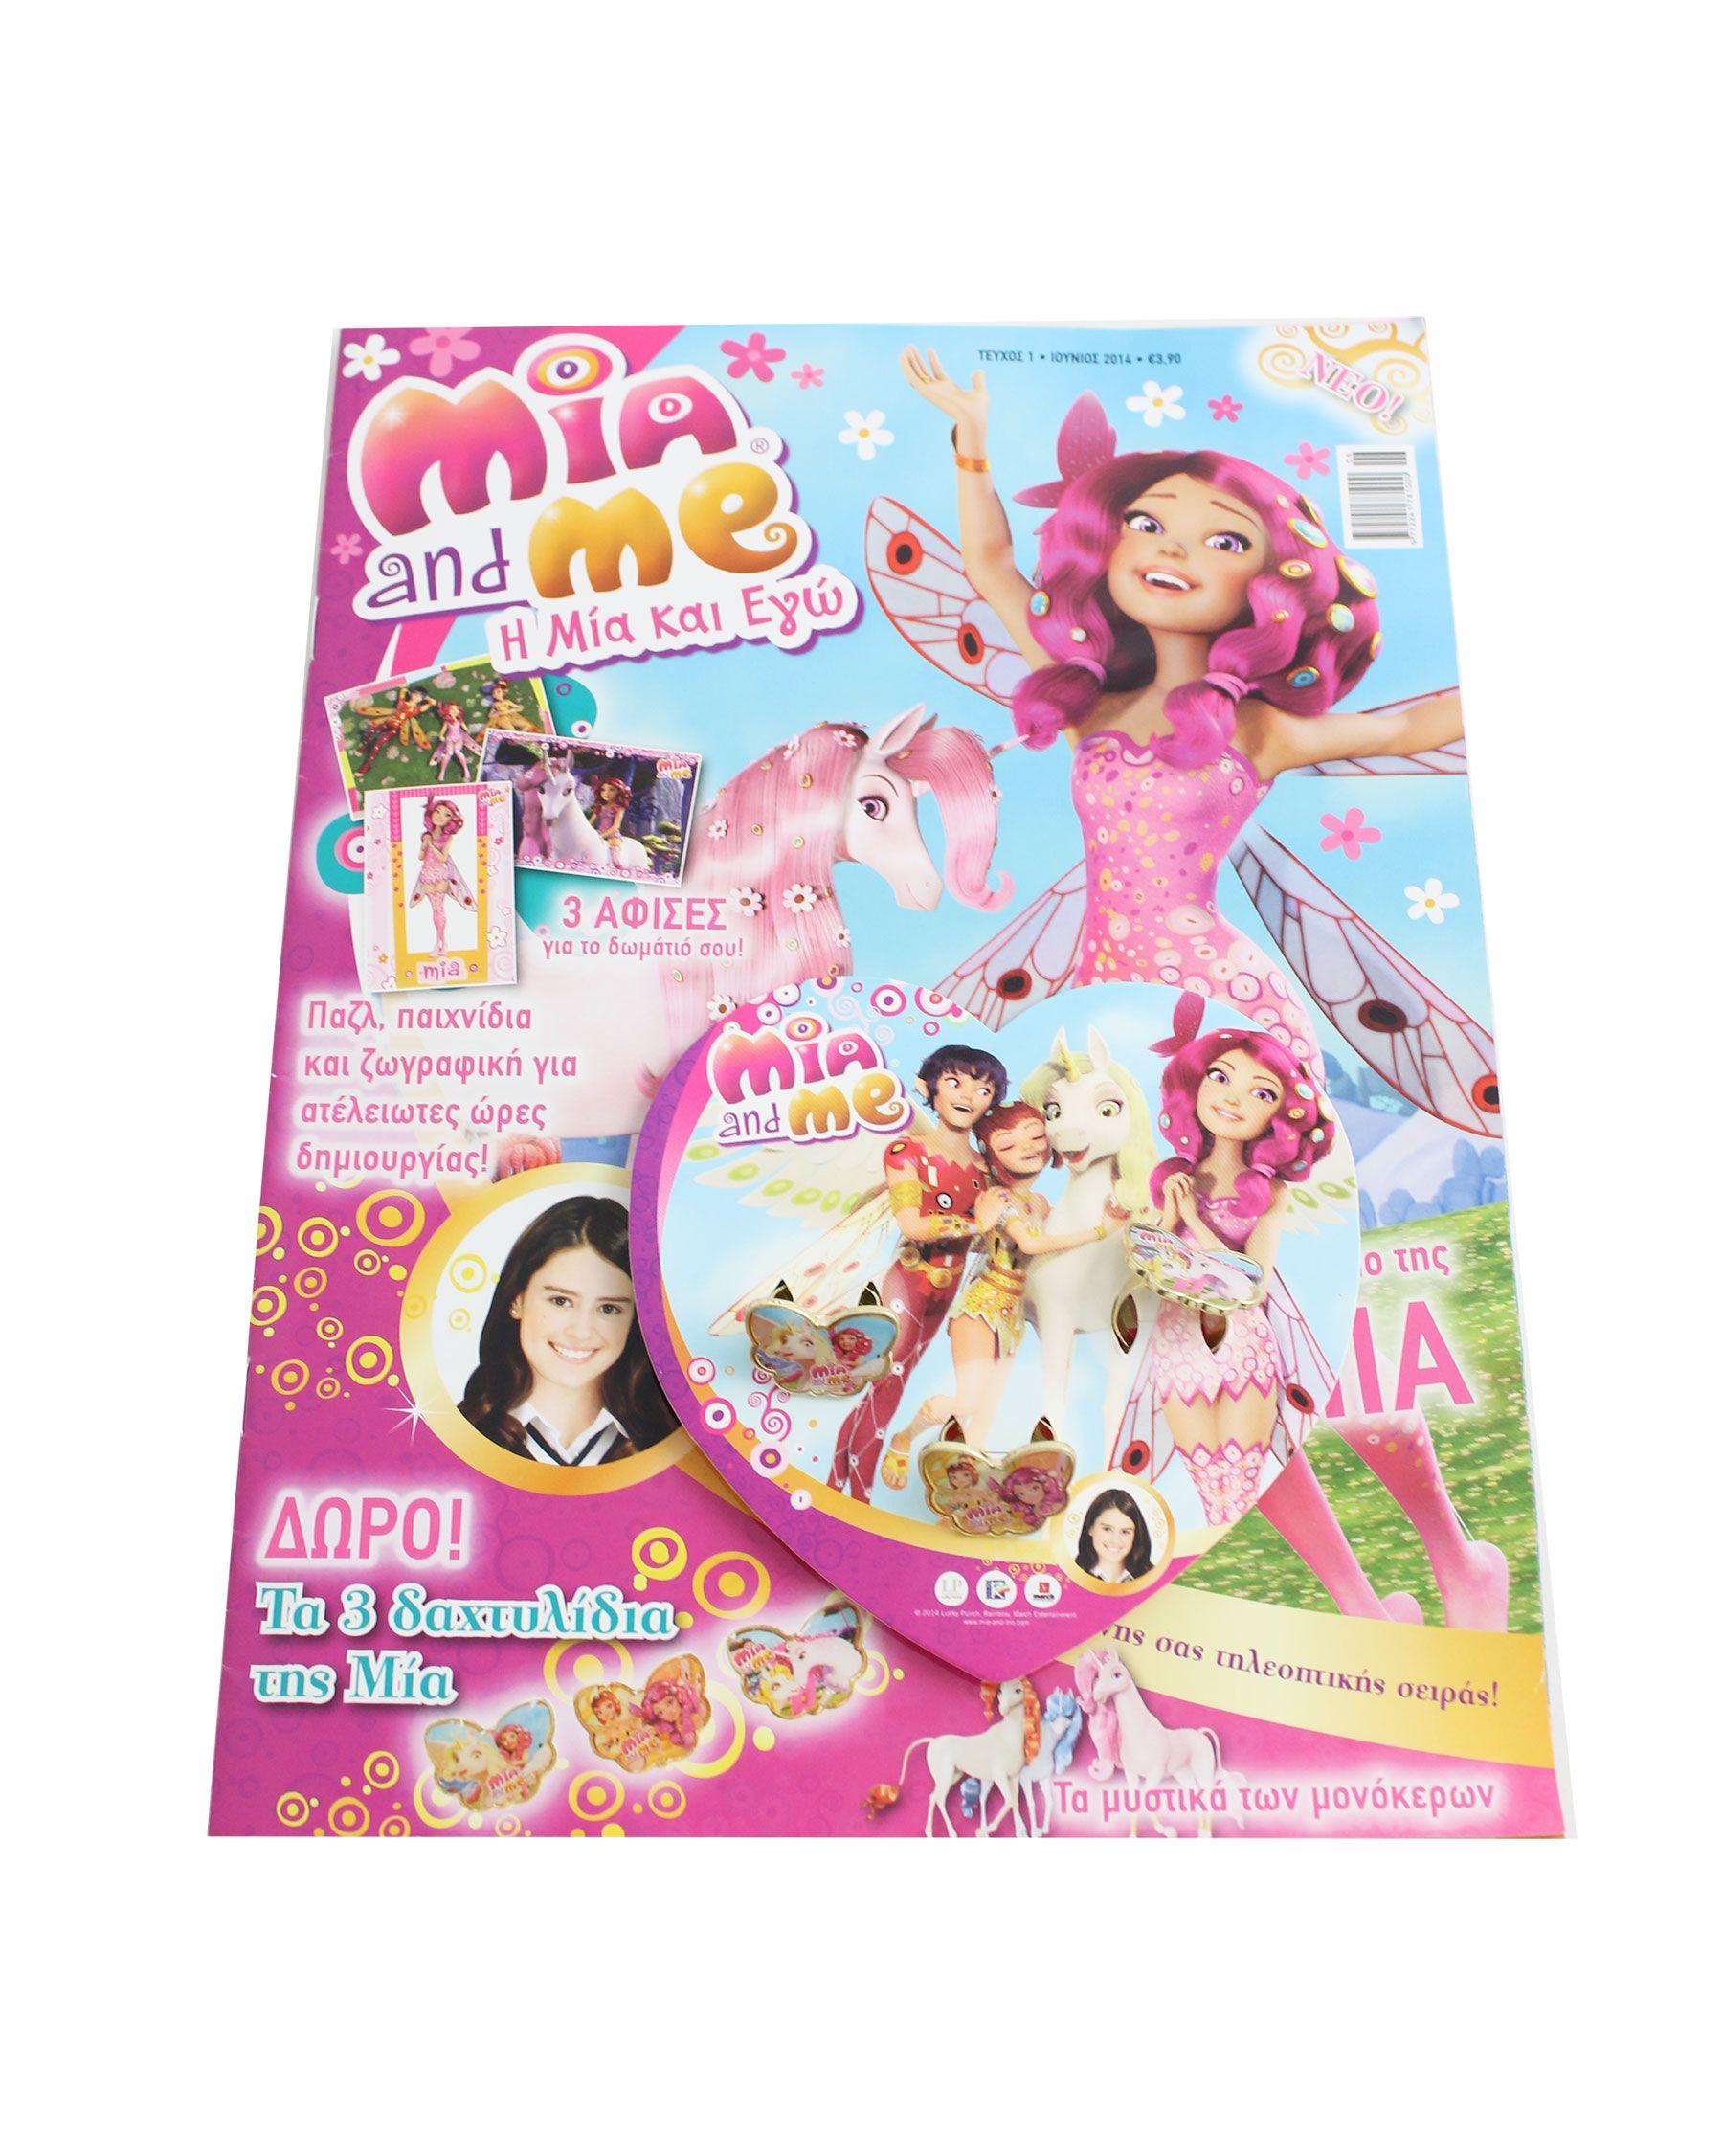 Mia publishing magazine